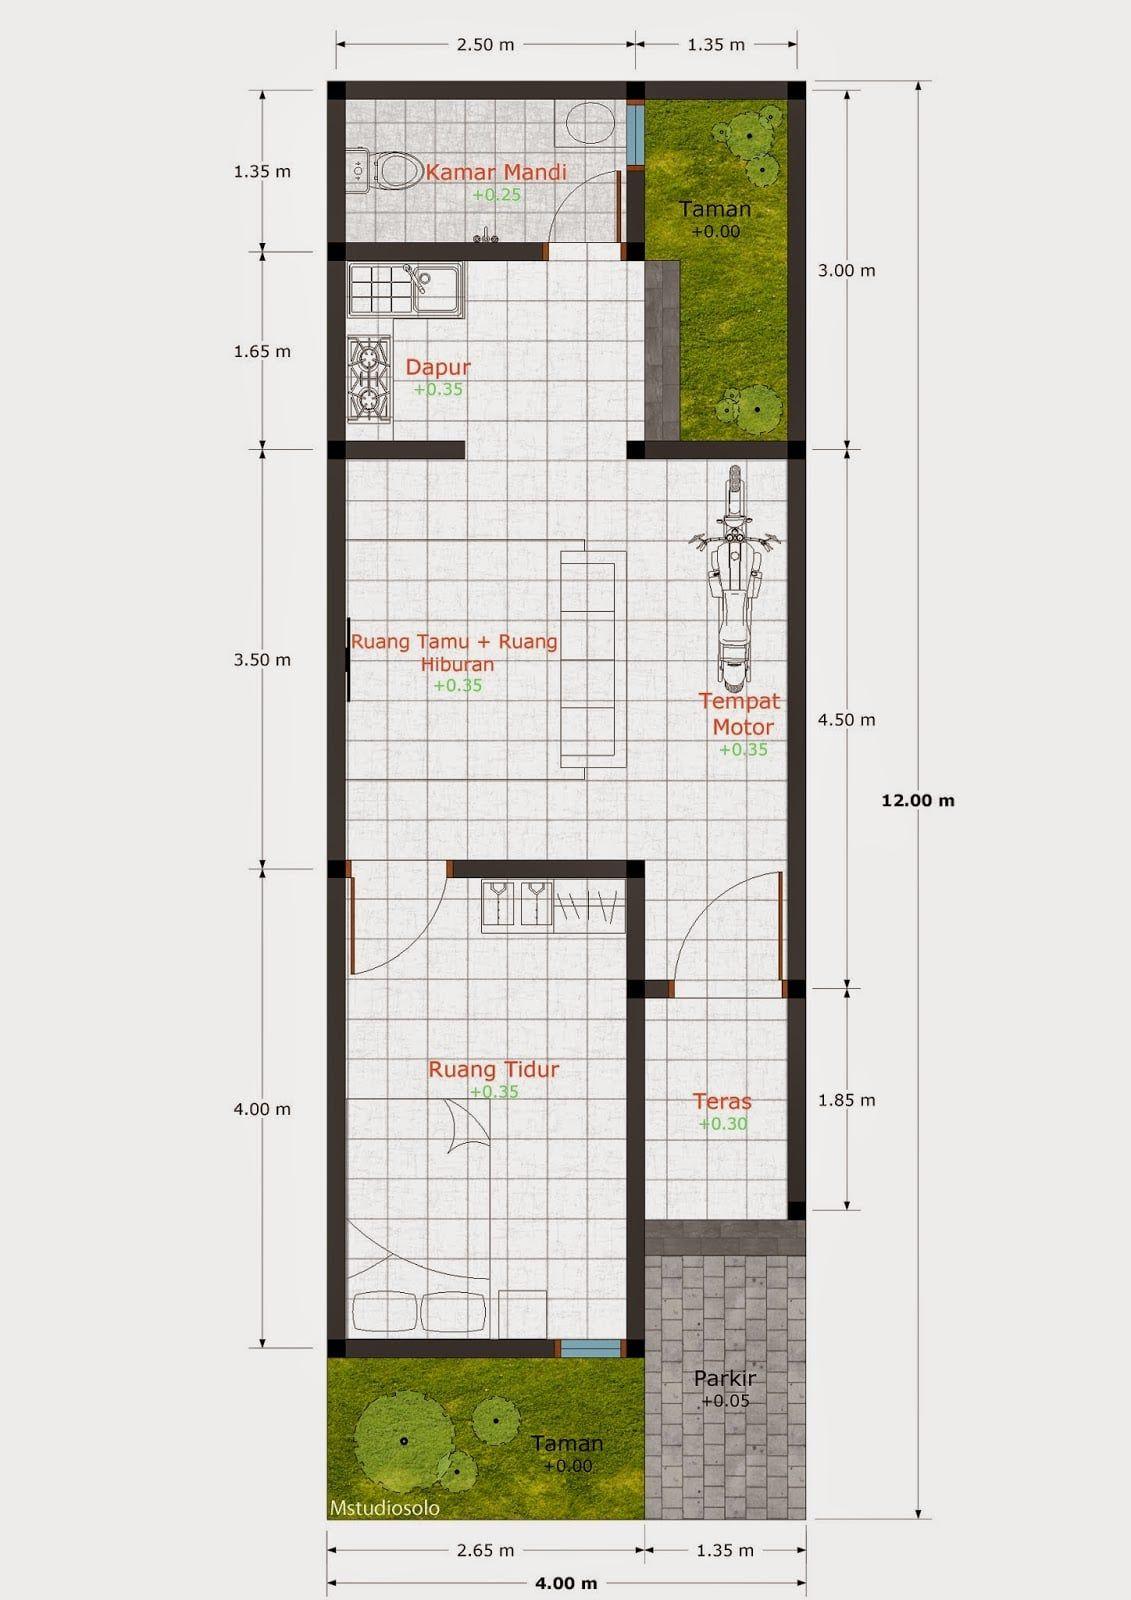 Desain Rumah Kontrakan 3x8 Cek Bahan Bangunan